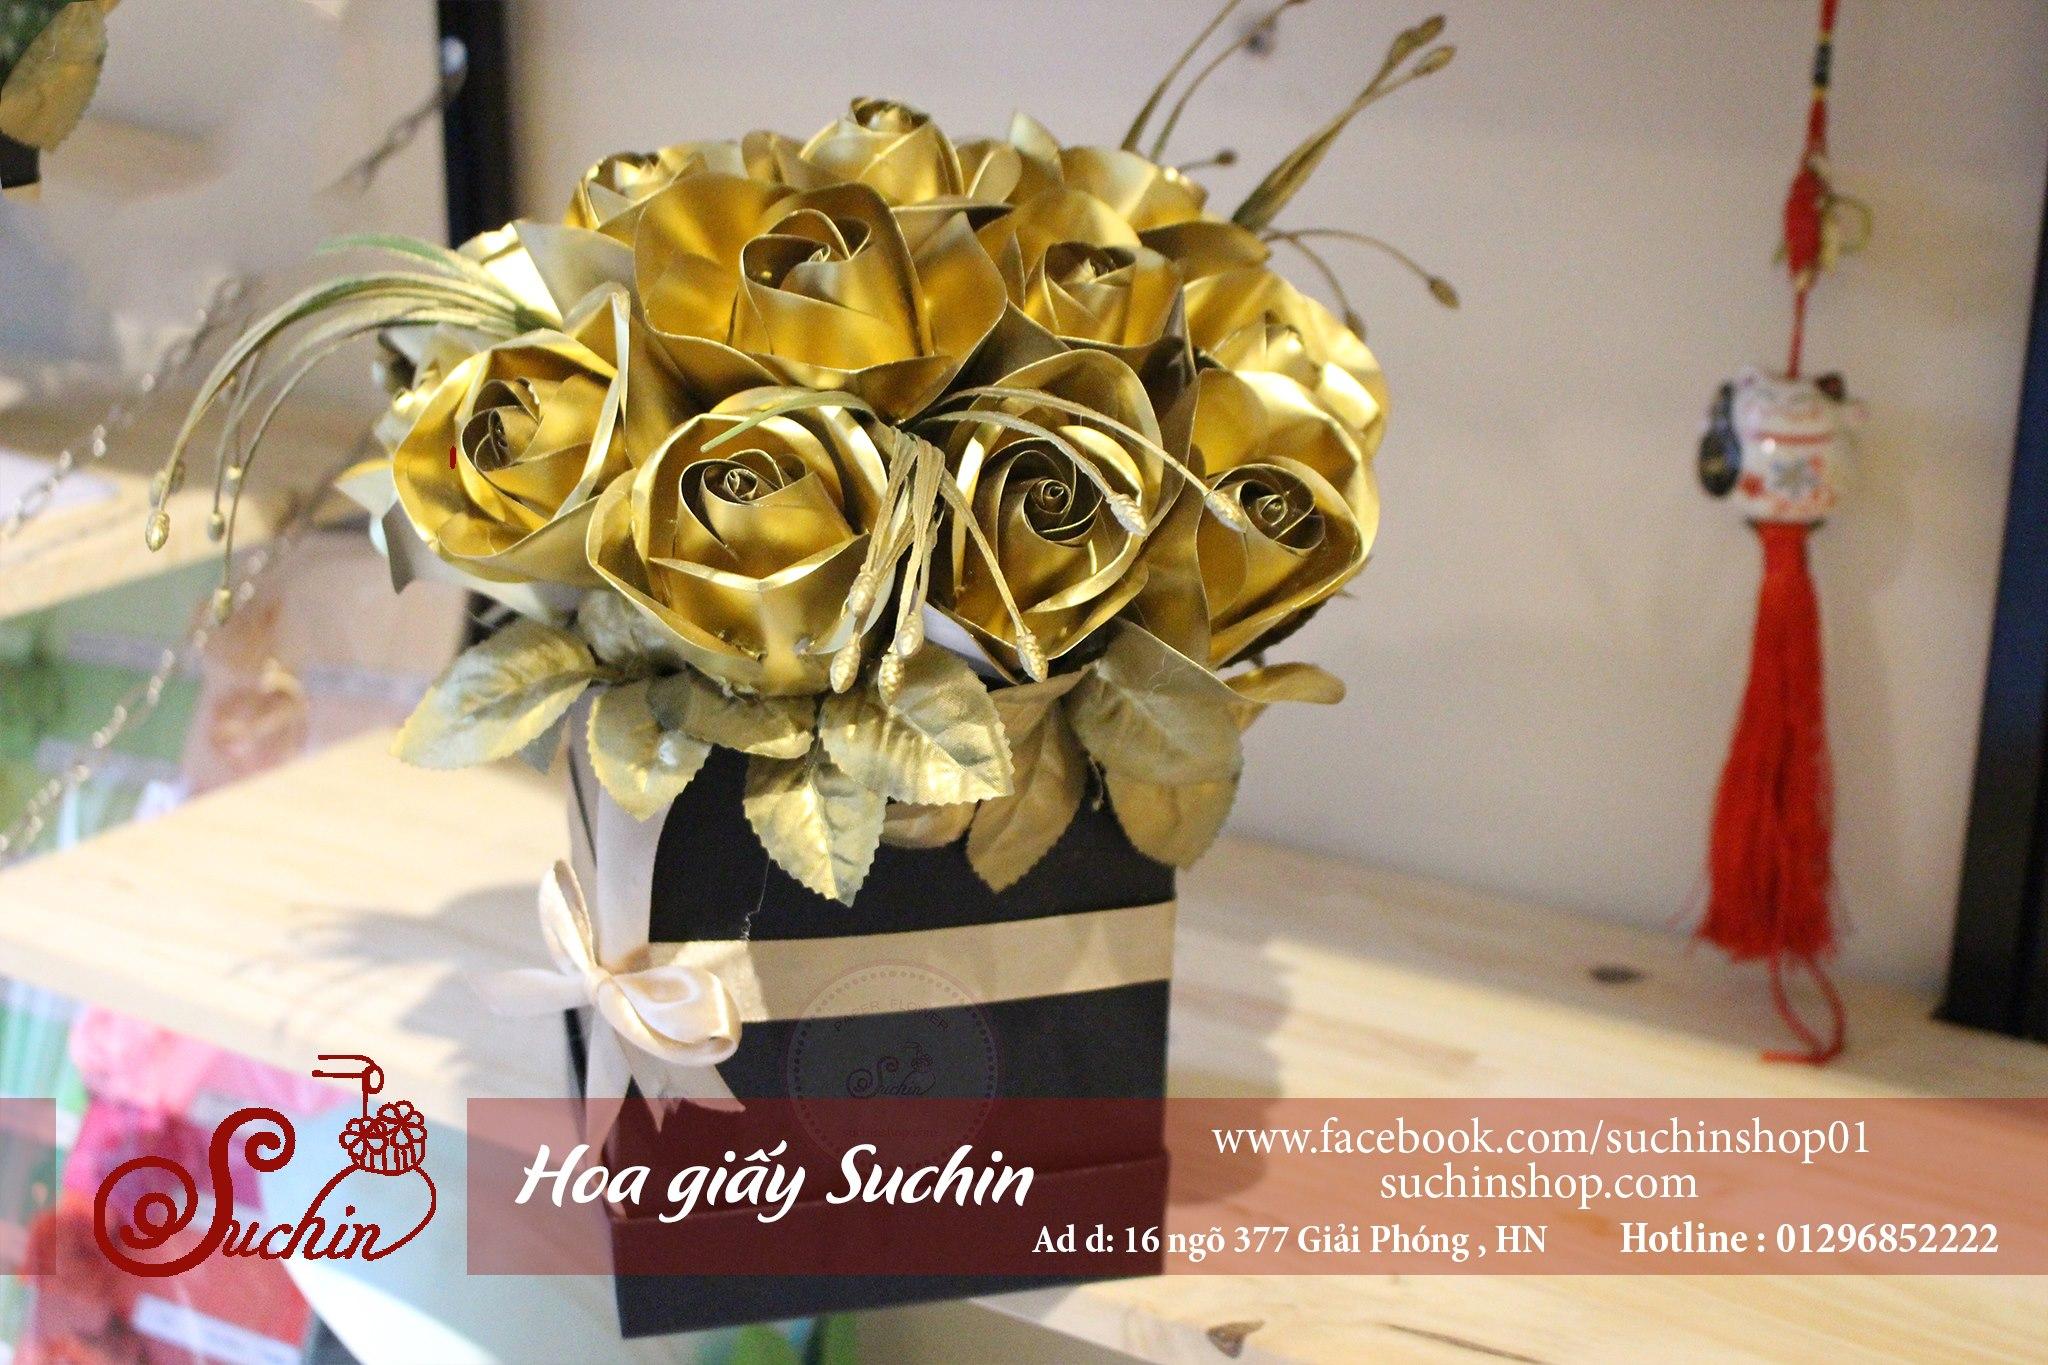 Hộp hoa vàng đồng sang trọng